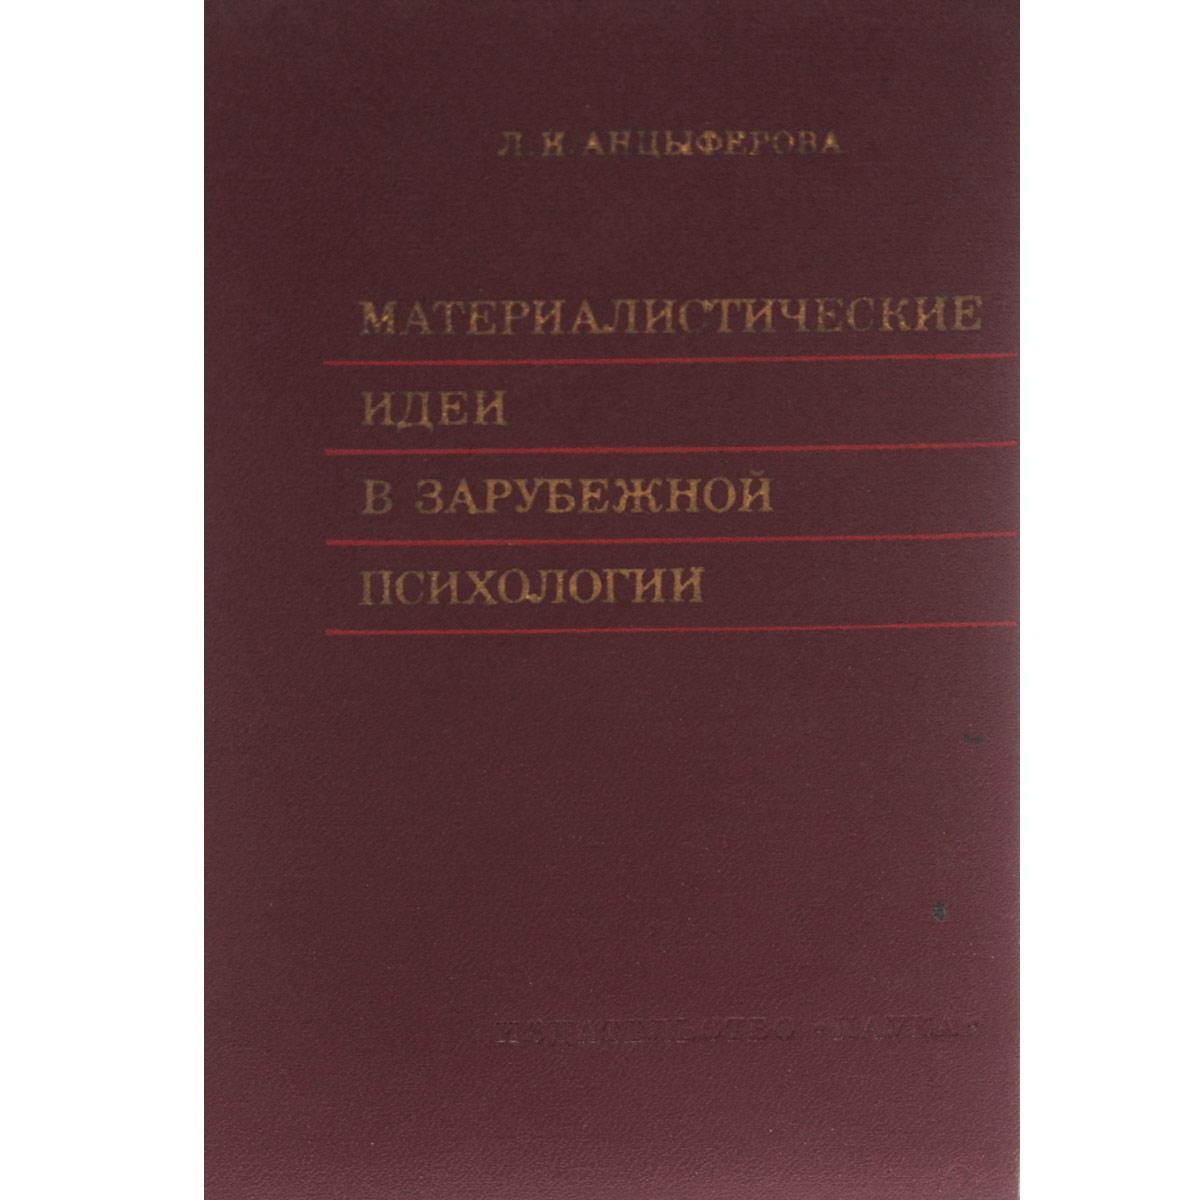 Л. И. Анцыферова Материалистические идеи в зарубежной психологии